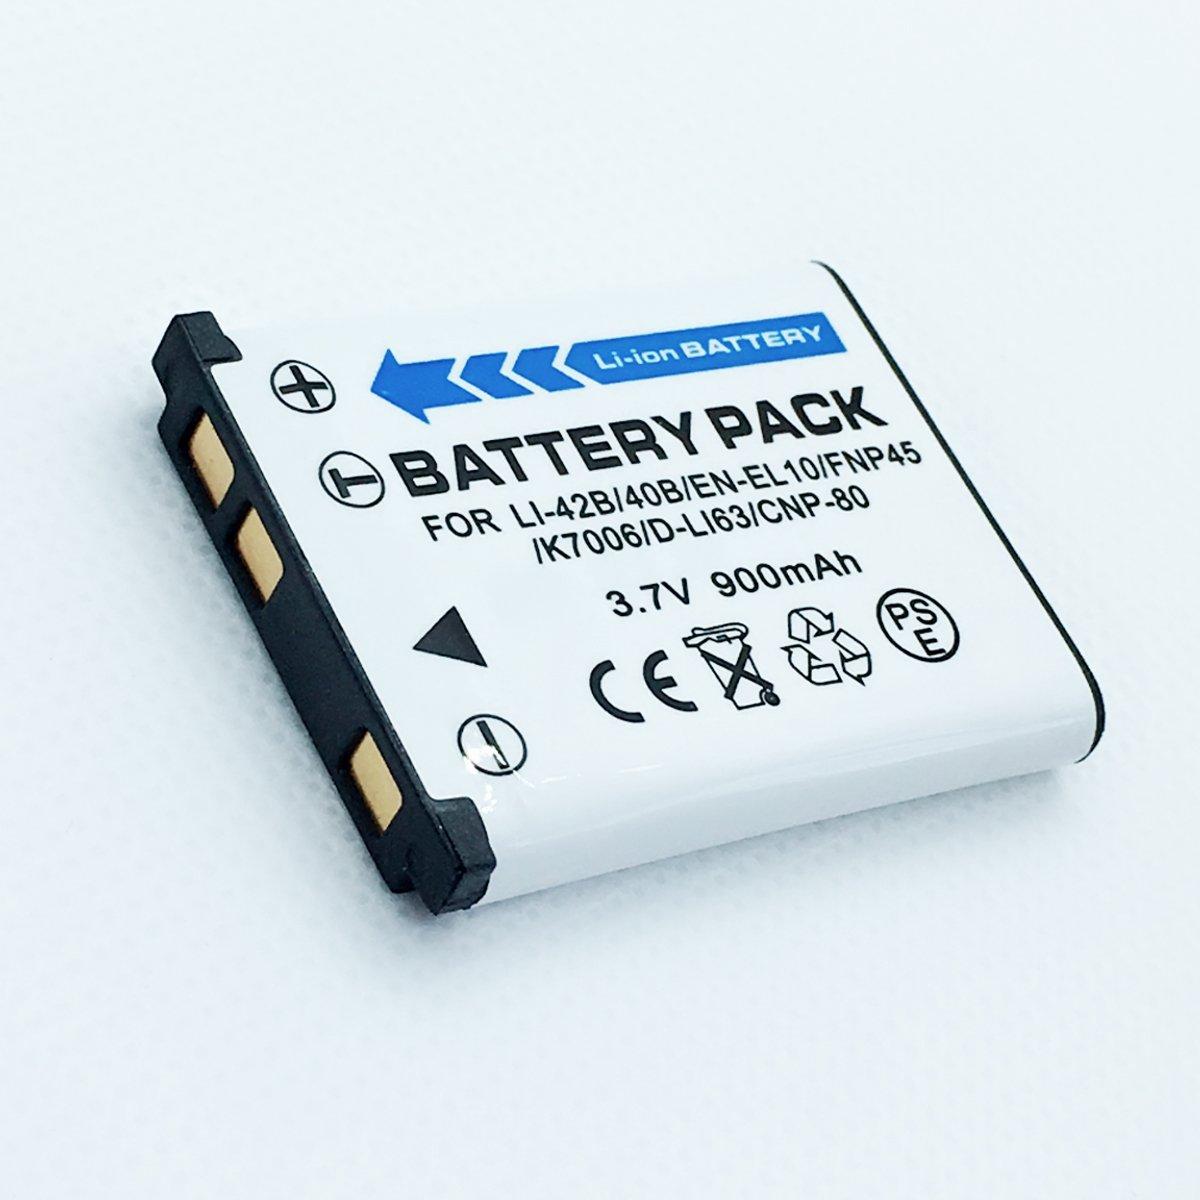 充電式Li - Ion電池パックfor GE e1410sw、e1450 W、e1480 W、e1486tw、e1680 Wデジタルカメラ   B07FW7Z5RJ